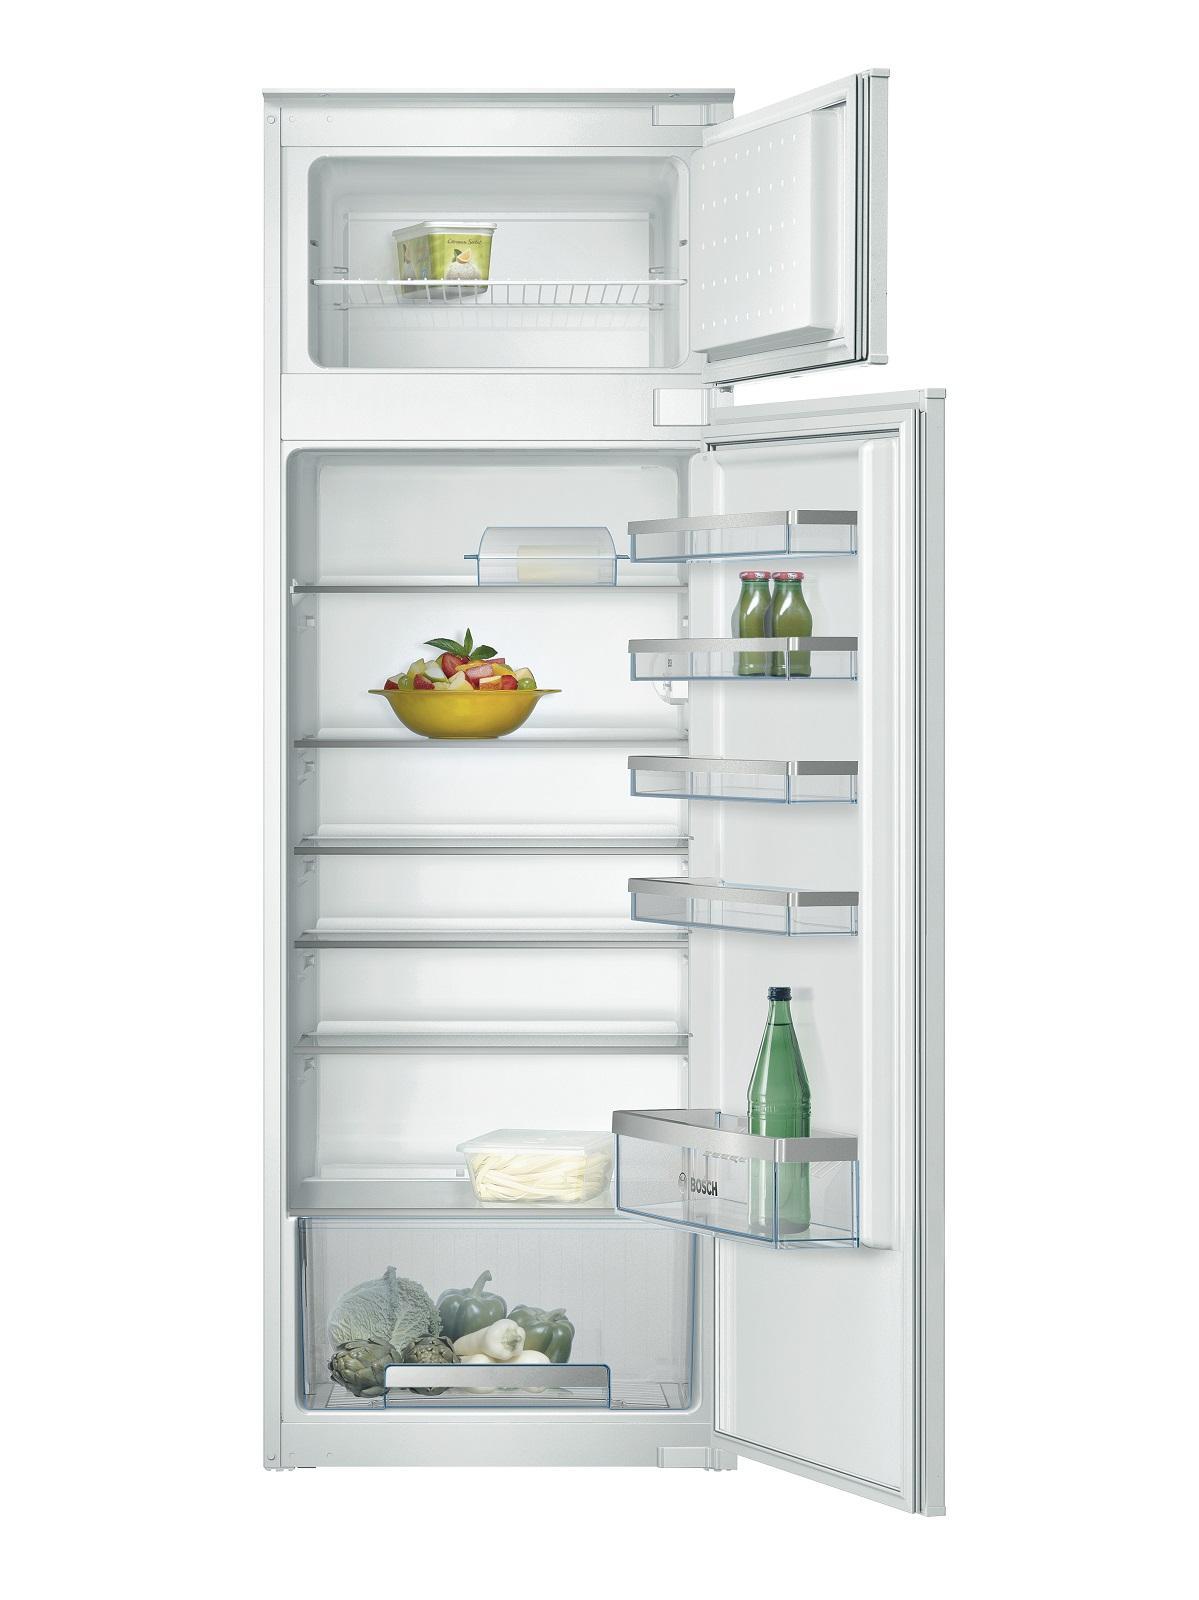 I comuni frigoriferi doppia porta da incasso per stivare piccole scorte